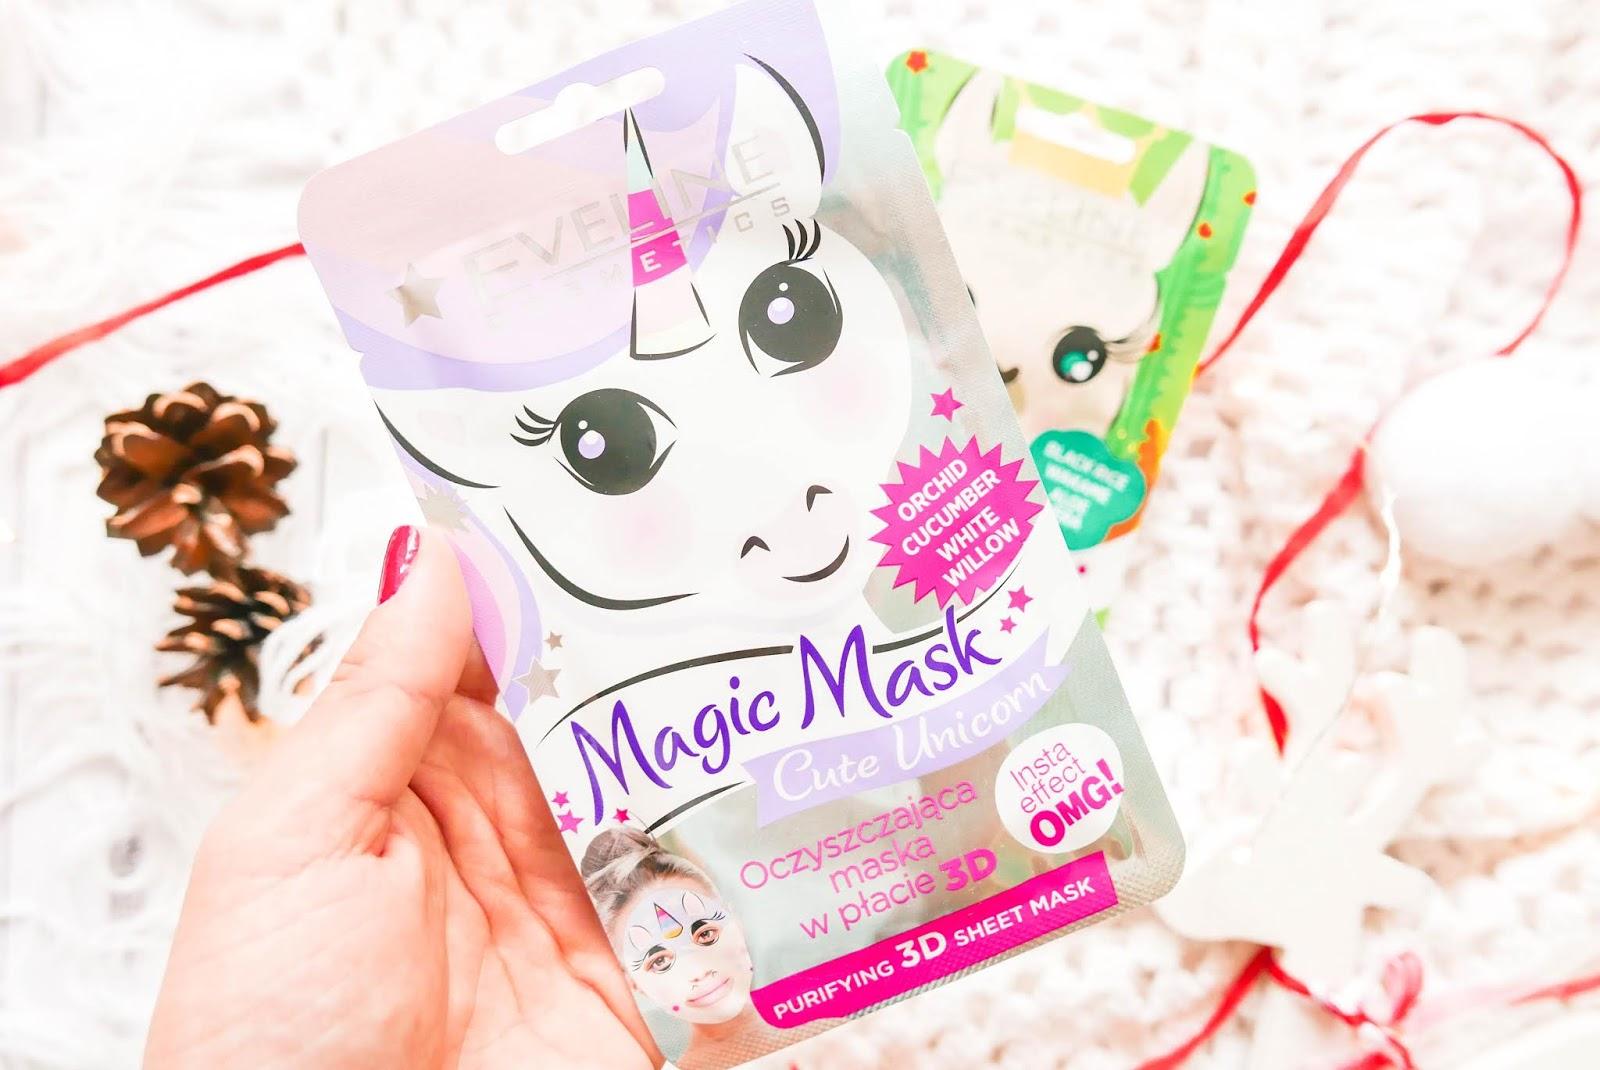 . Oczyszczająca maska w płacie 3 D